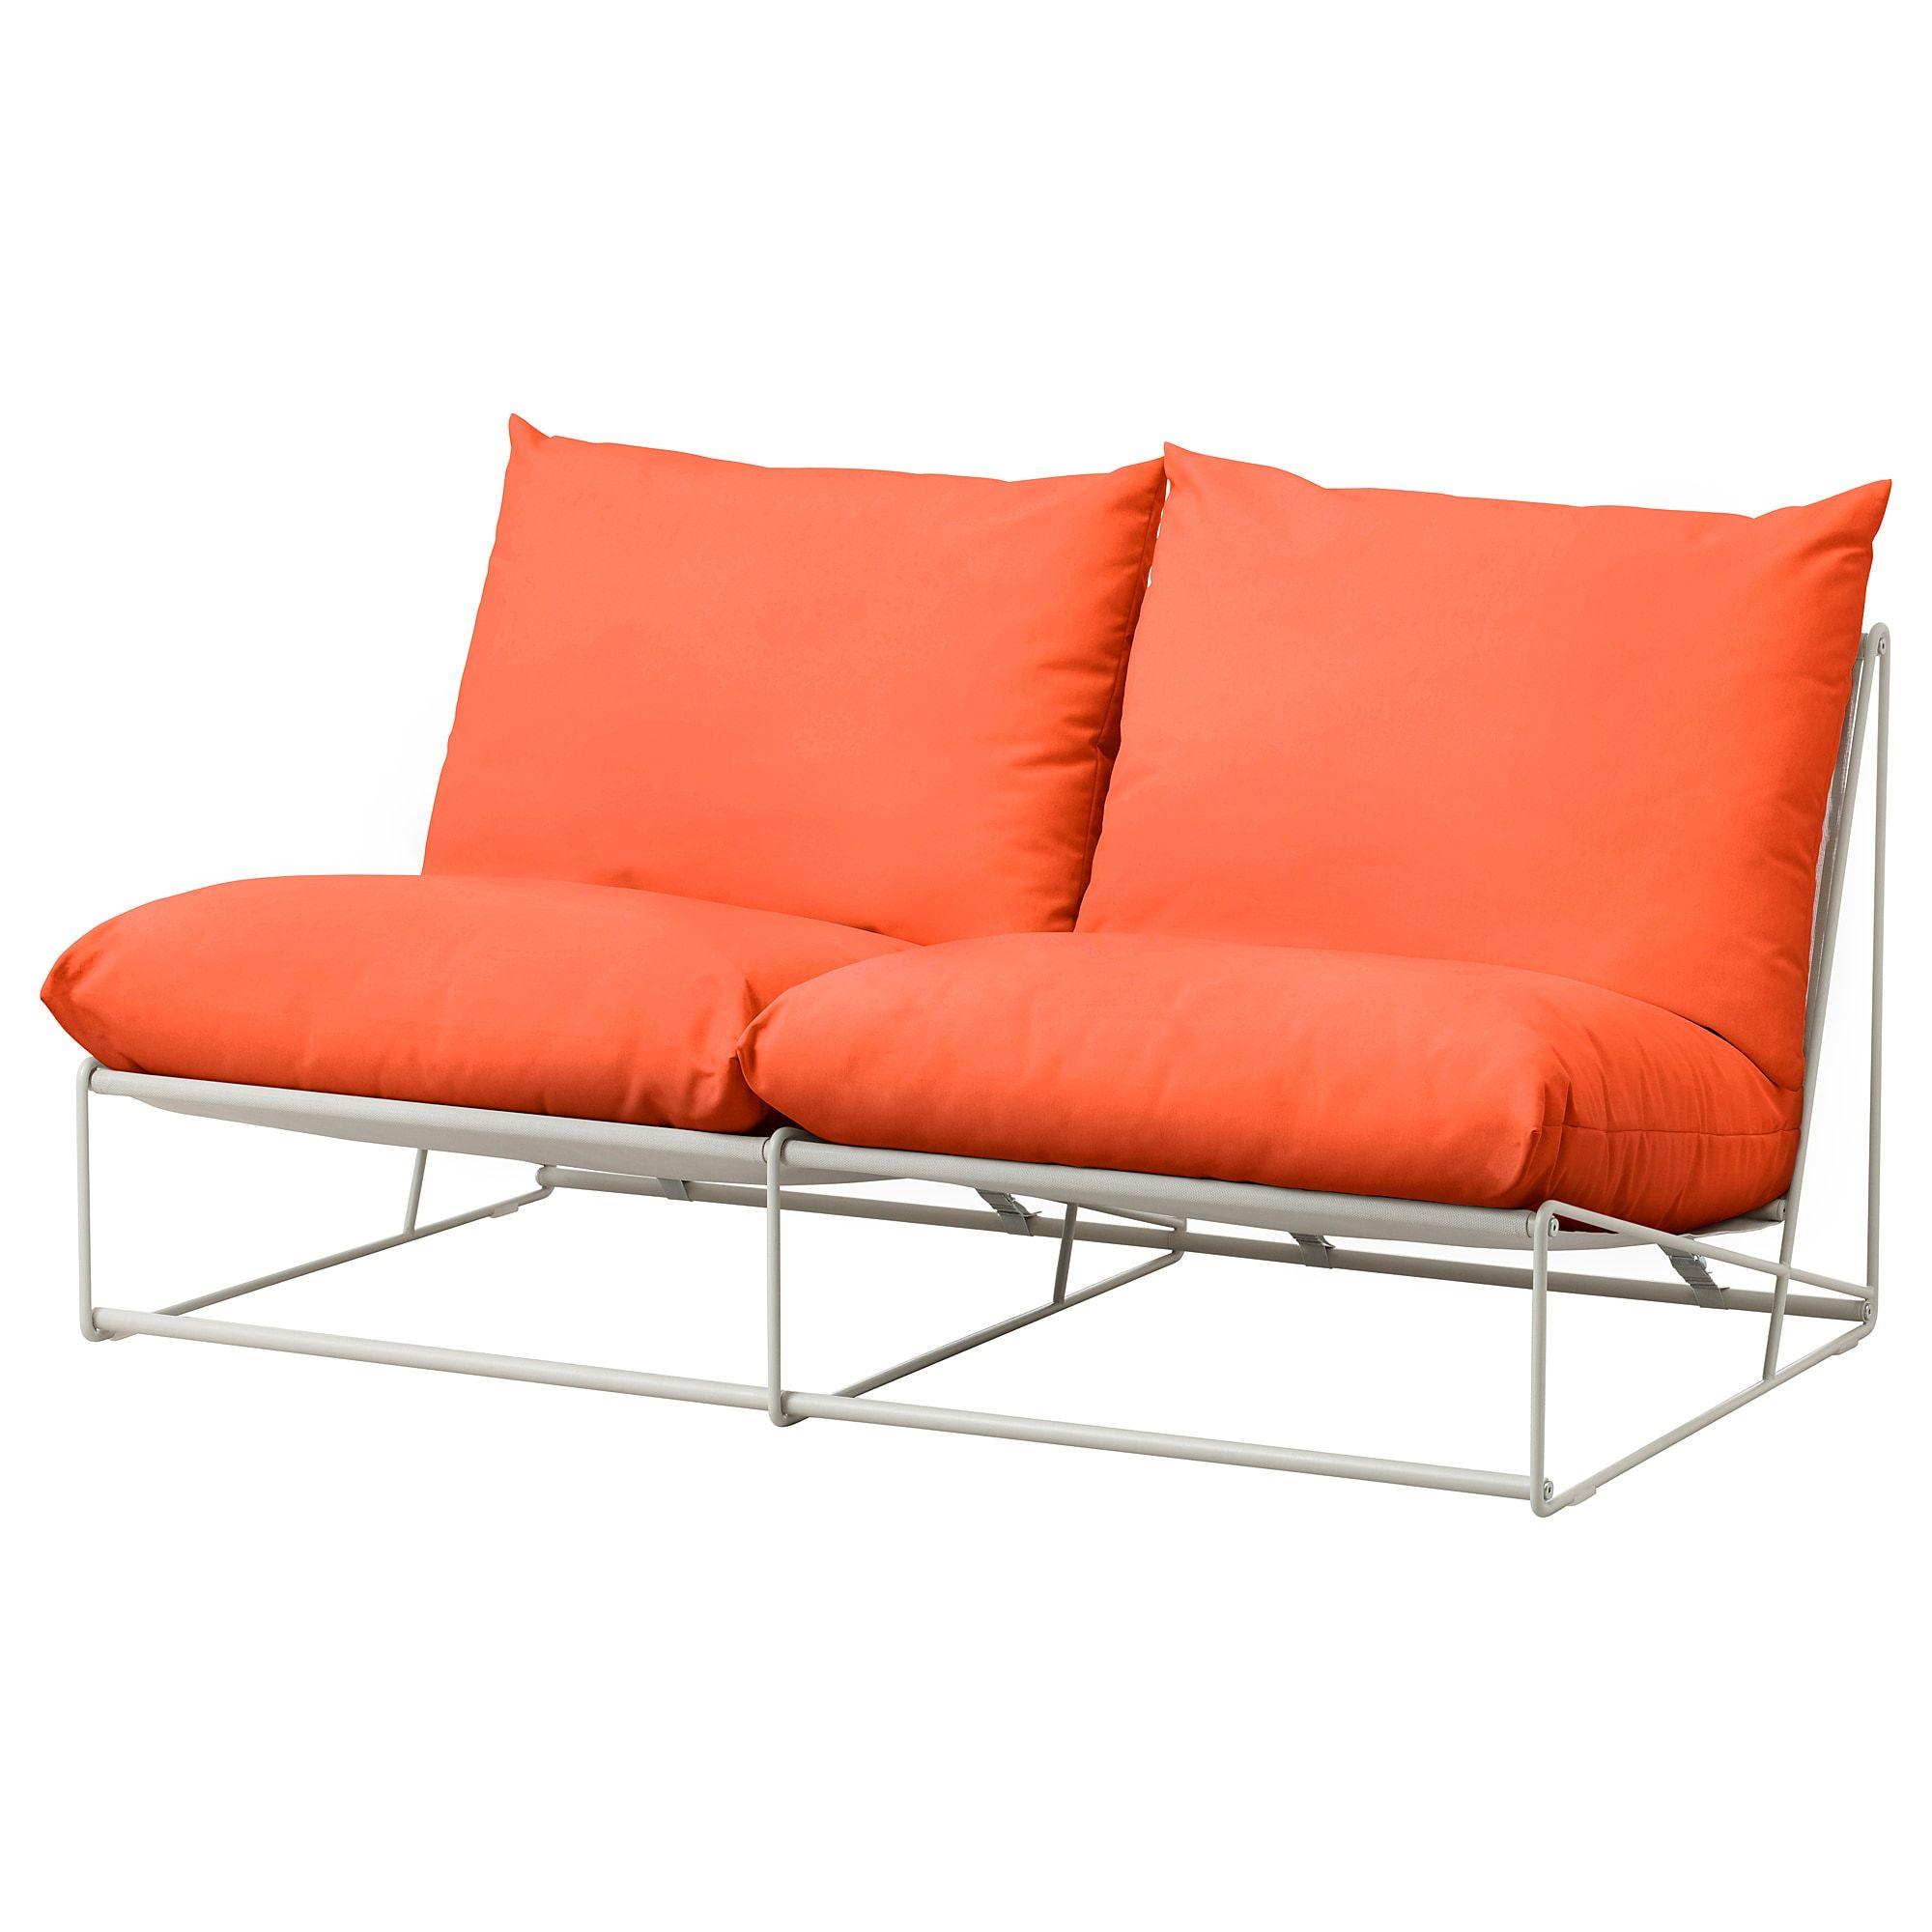 Havsten 2er Sofa Drinnen Draussen Ohne Armlehnen Orange Beige Ikea Osterreich 2er Sofa Outdoor Sofa Sofa